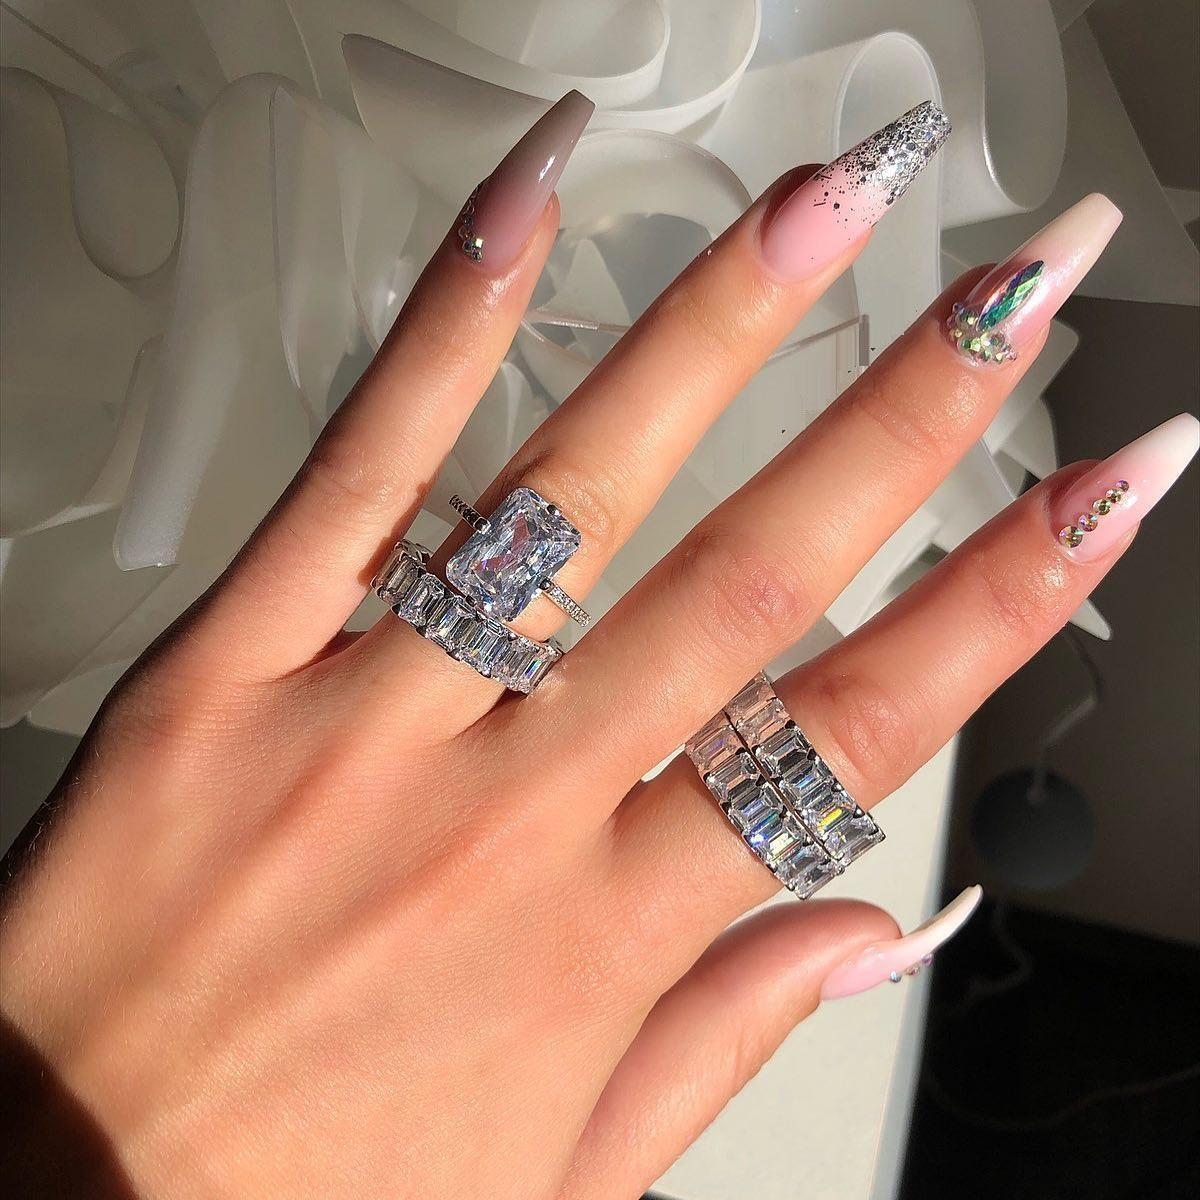 Commercio all'ingrosso donne classiche impilando cz eternity banda baguette cubic zirconia anello di fidanzamento per le donne # 5 # 6 # 7 # 8 # 9